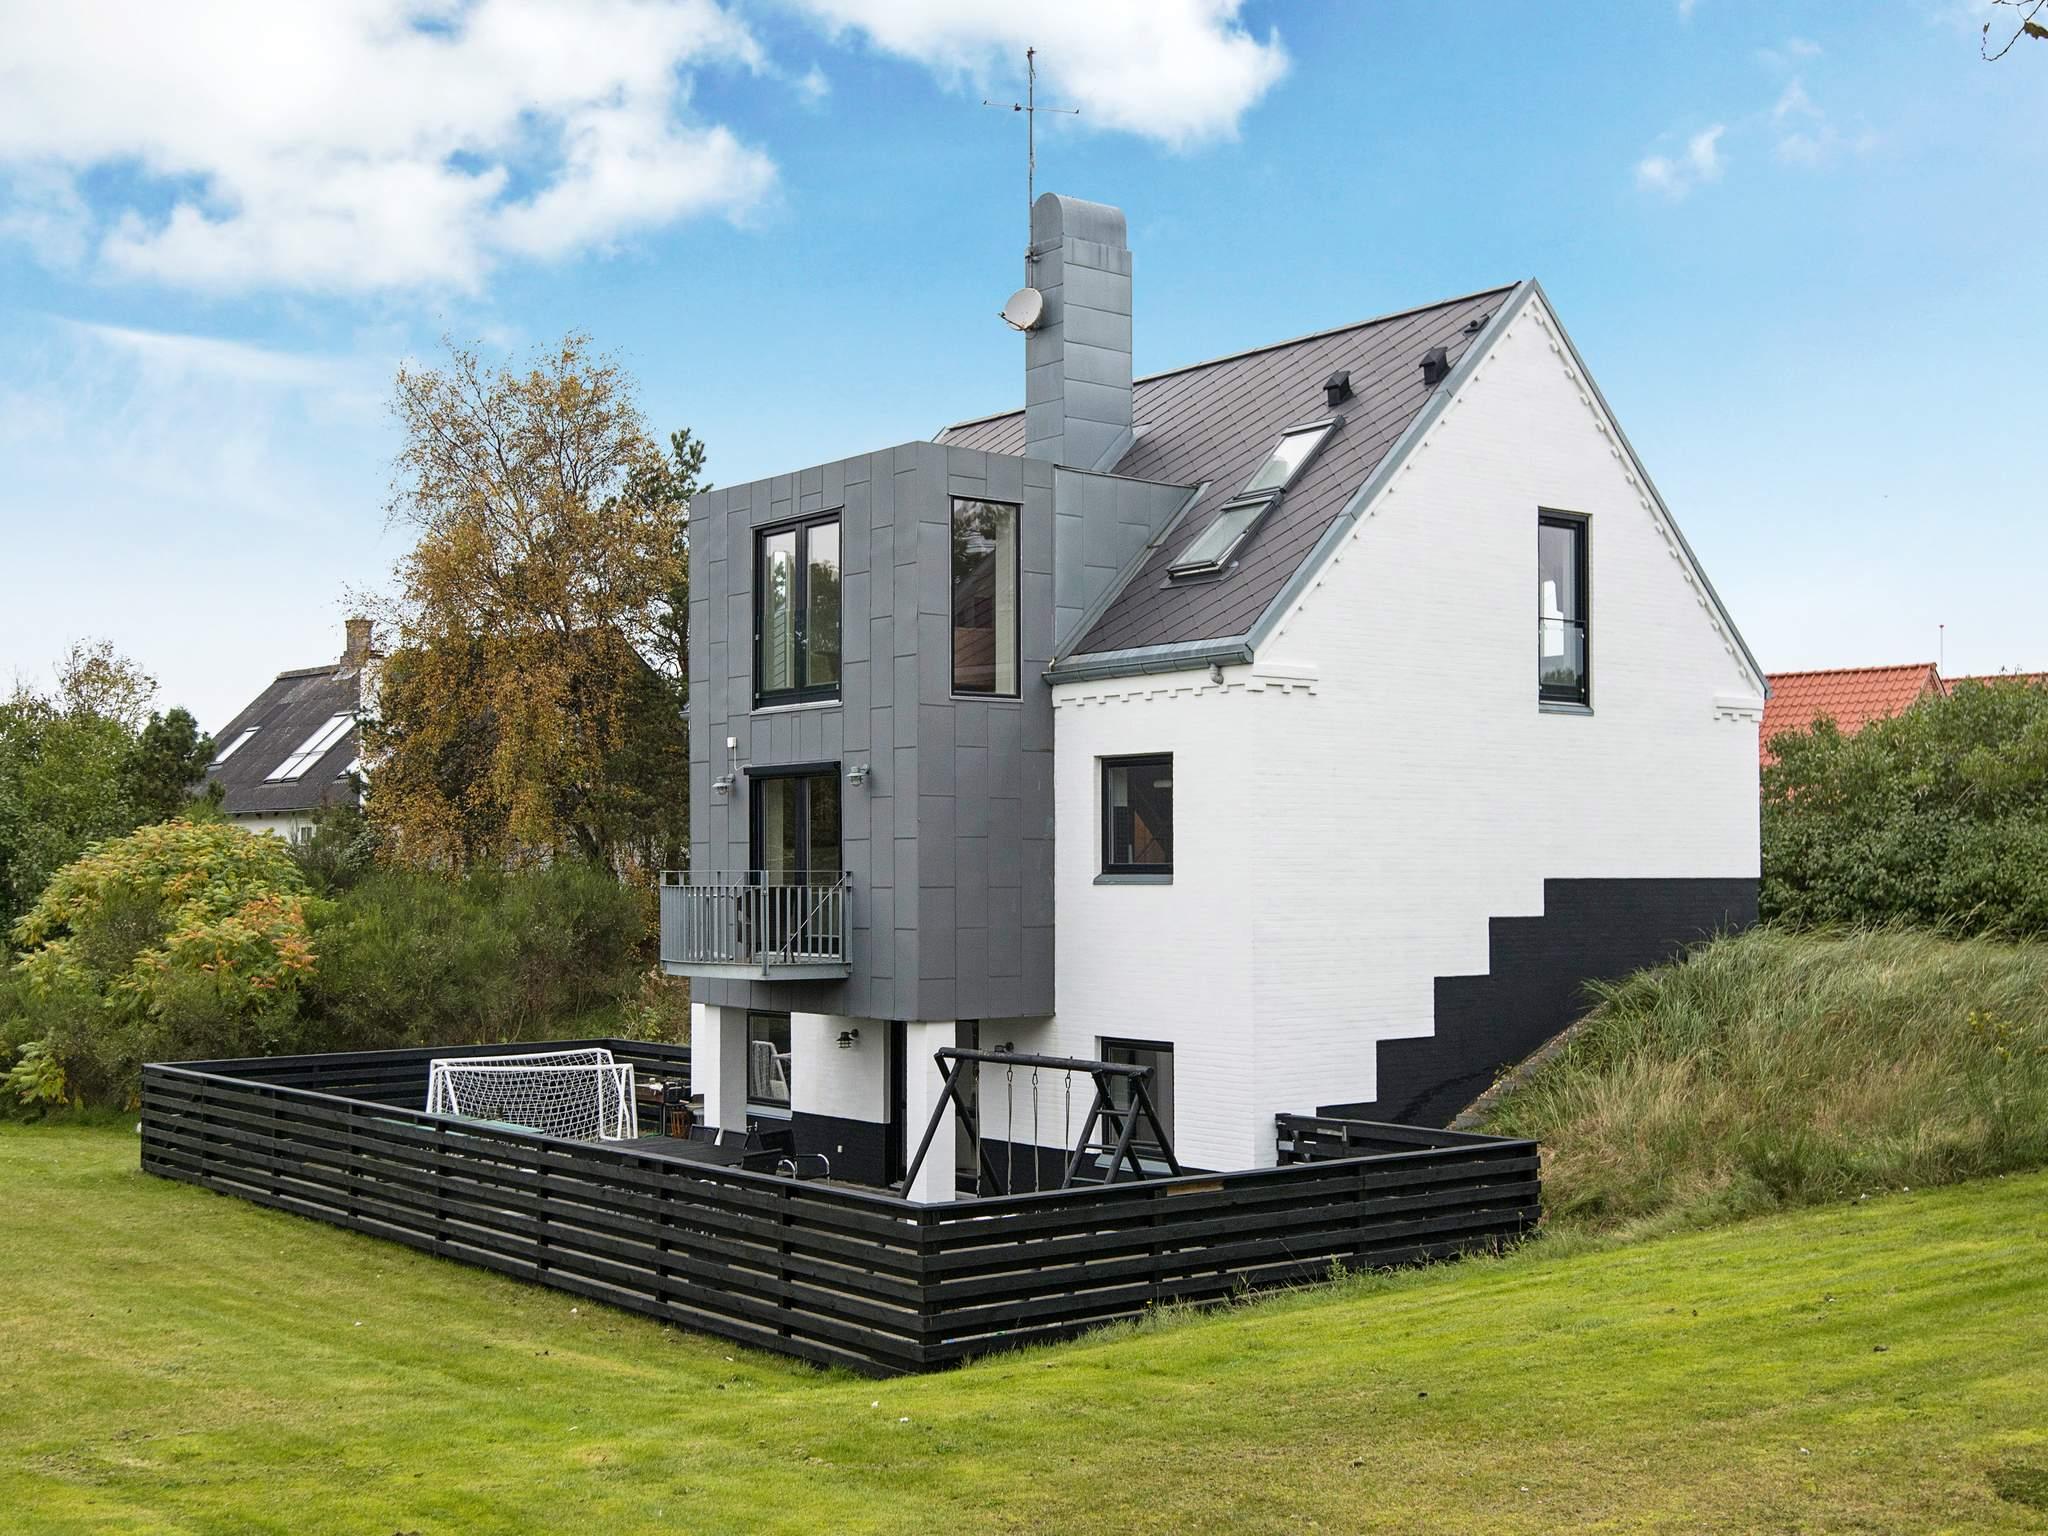 Ferienhaus Bønnerup Strand (493428), Bønnerup, , Ostjütland, Dänemark, Bild 25